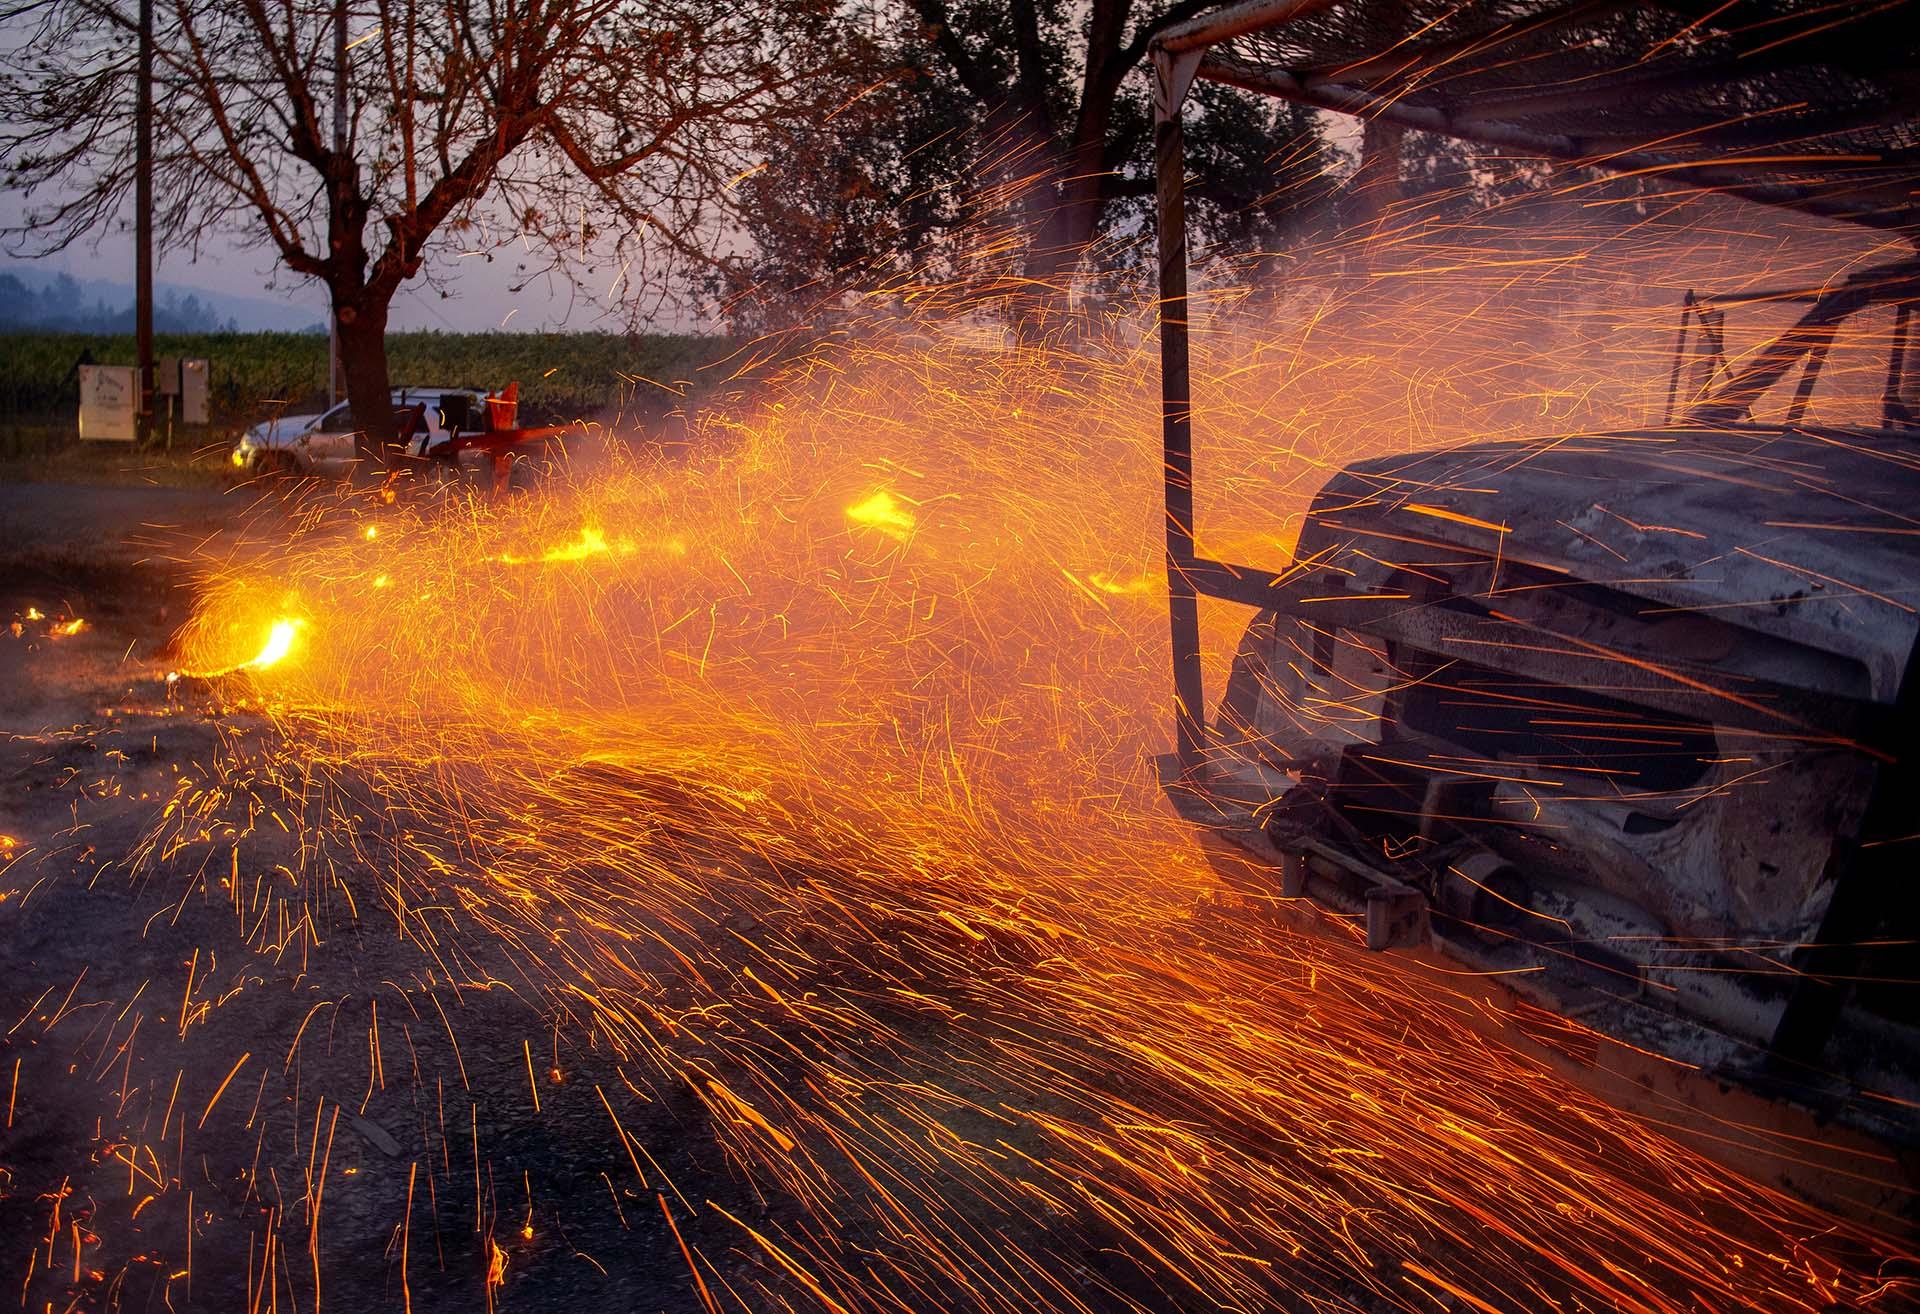 El fuego y las brasas soplan alrededor de un camión utilitario quemado durante el incendio de Kincade en Healdsburg, California, el 27 de octubre de 2019